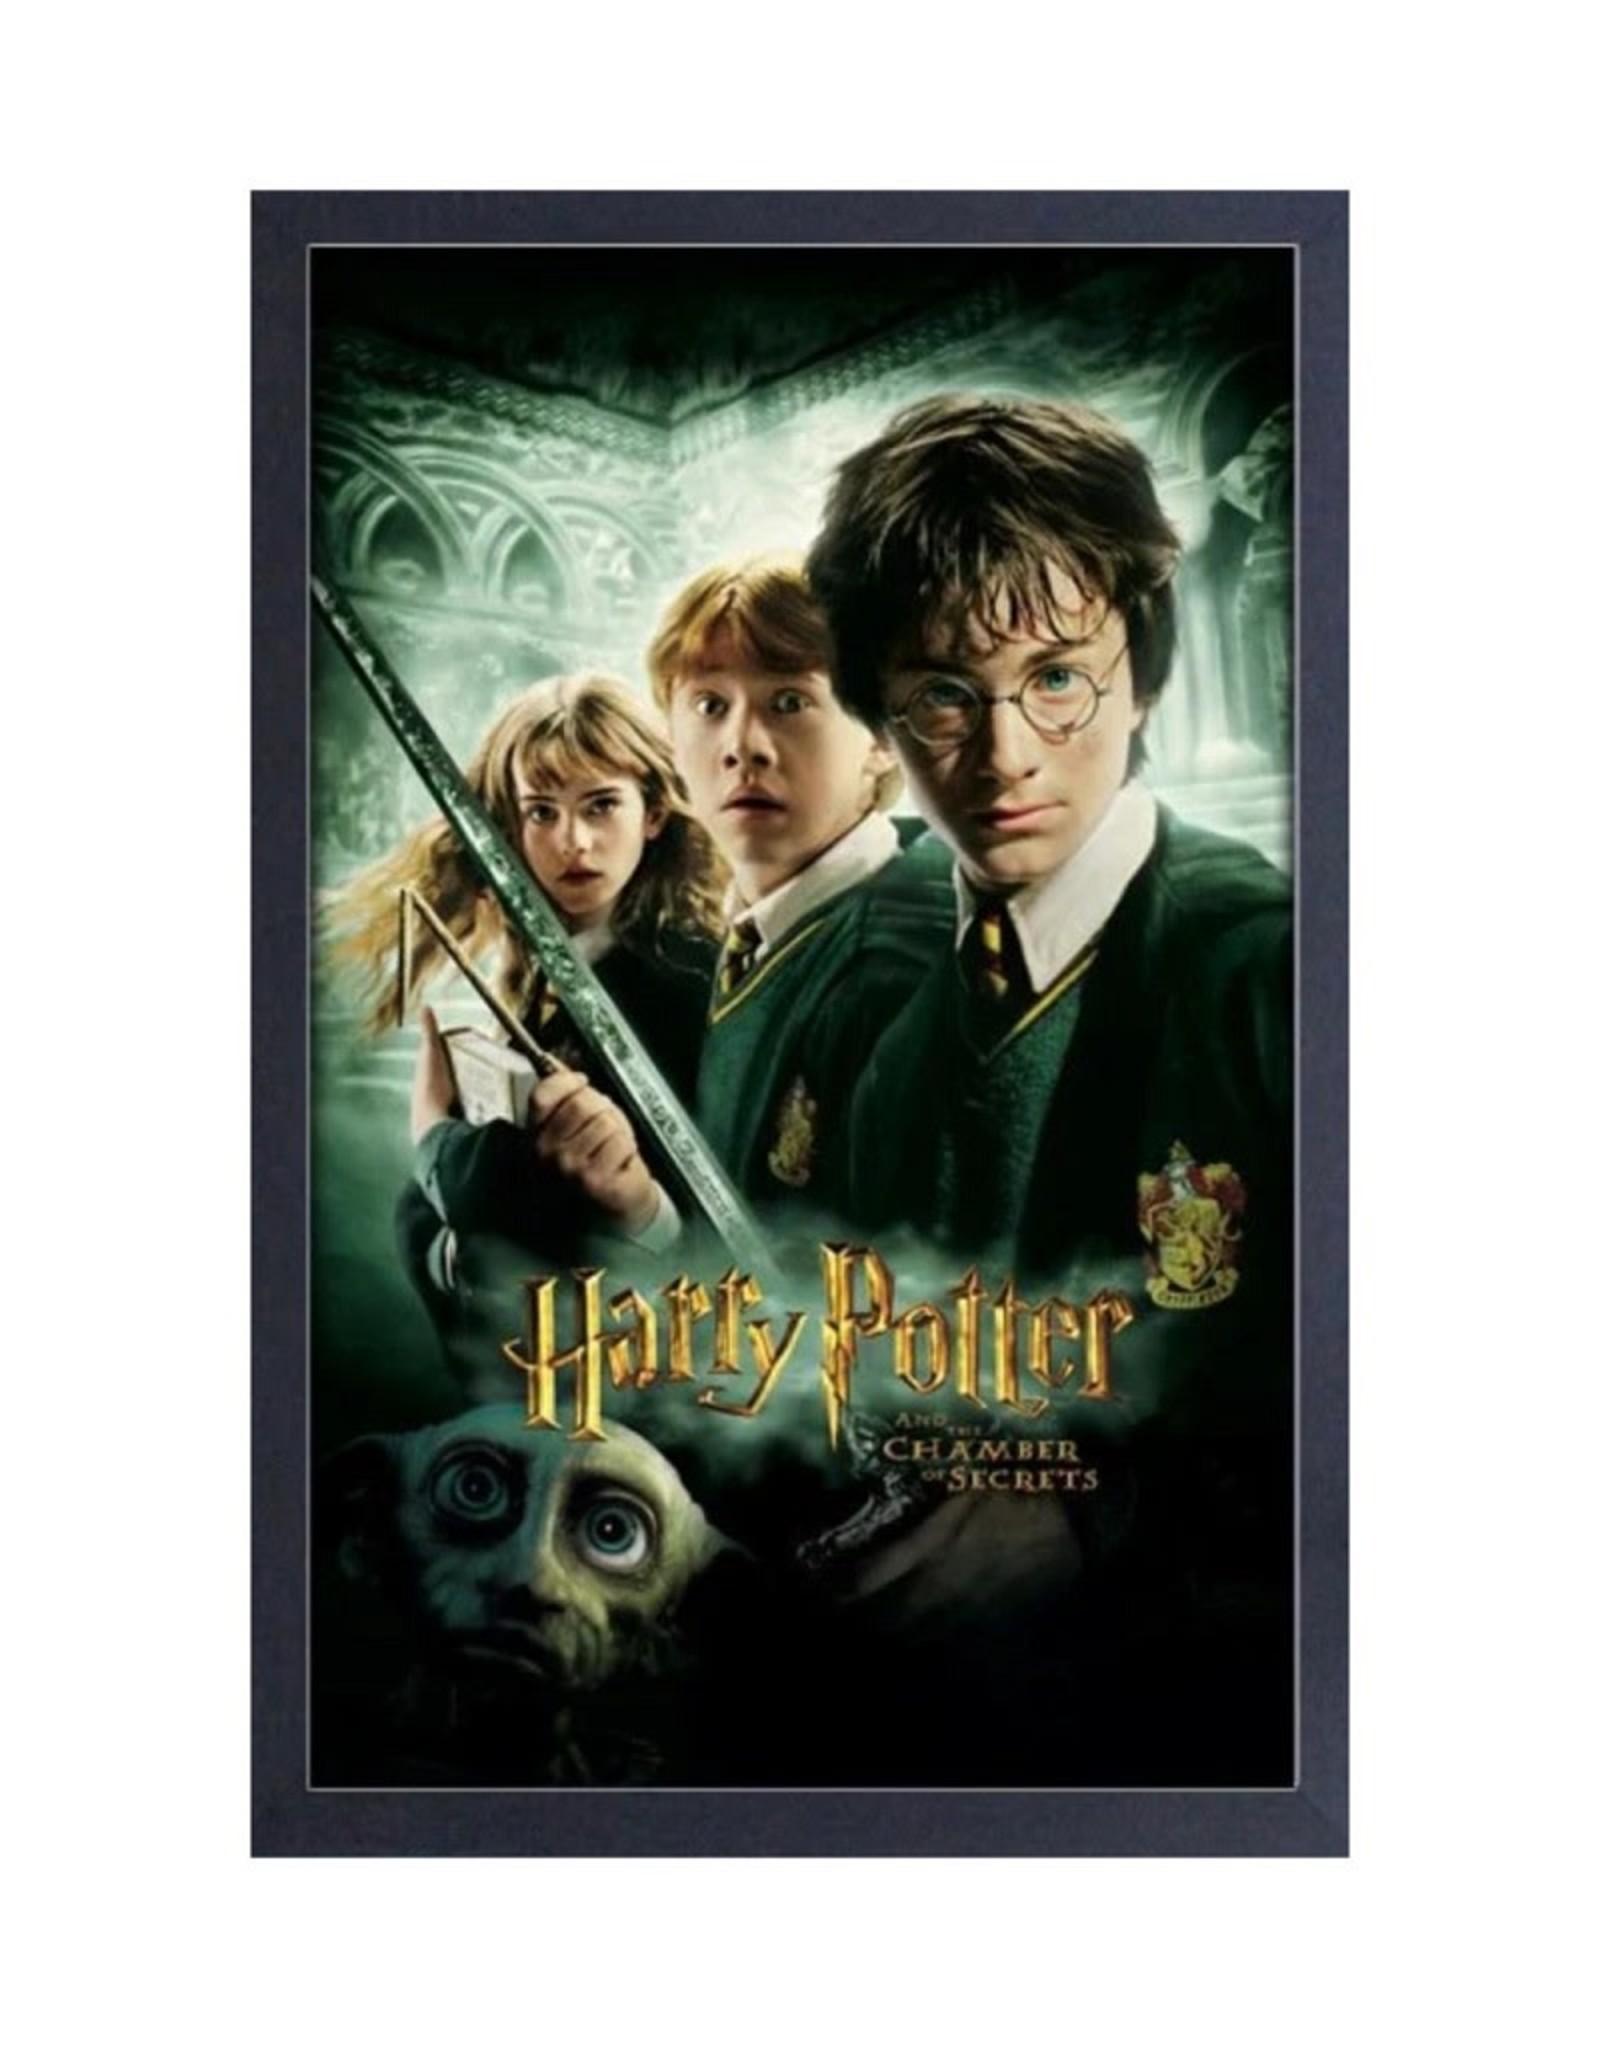 Harry Potter Harry Potter ( Framed print ) Chamber of secrets